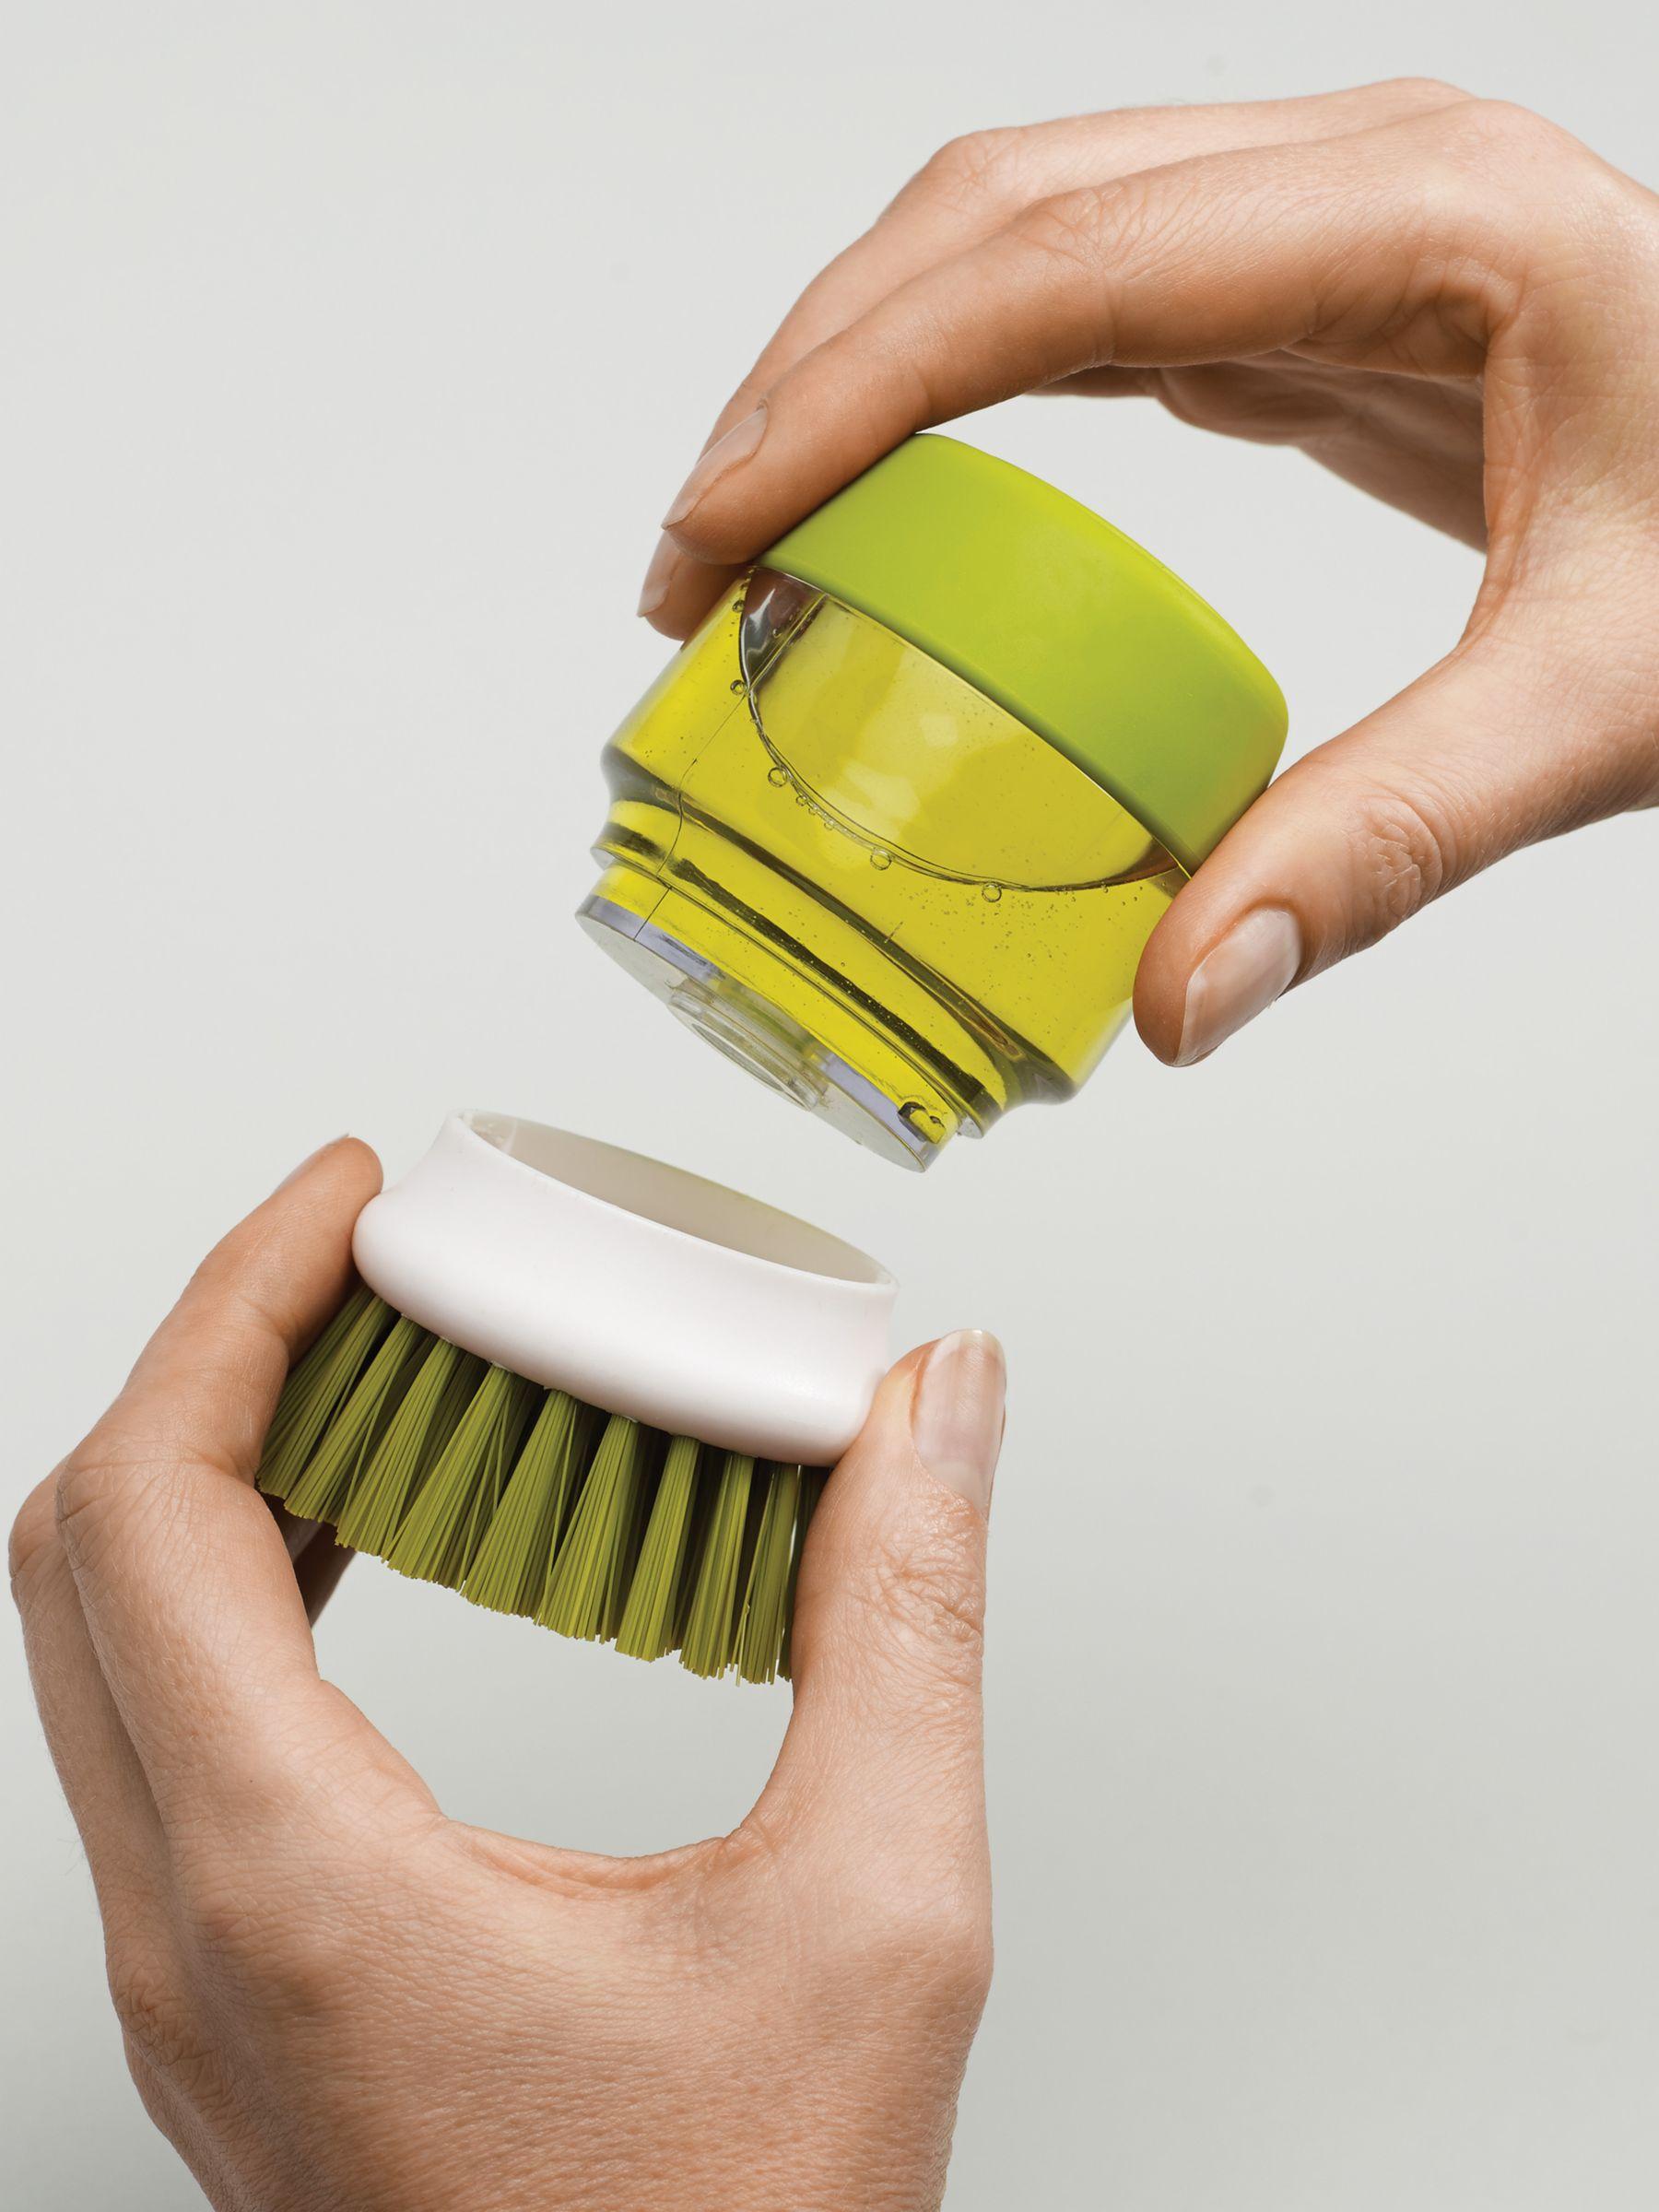 BuyJosph Joseph Palm Scrub Soap-Dispensing Washing-Up Brush, Green Online at johnlewis.com